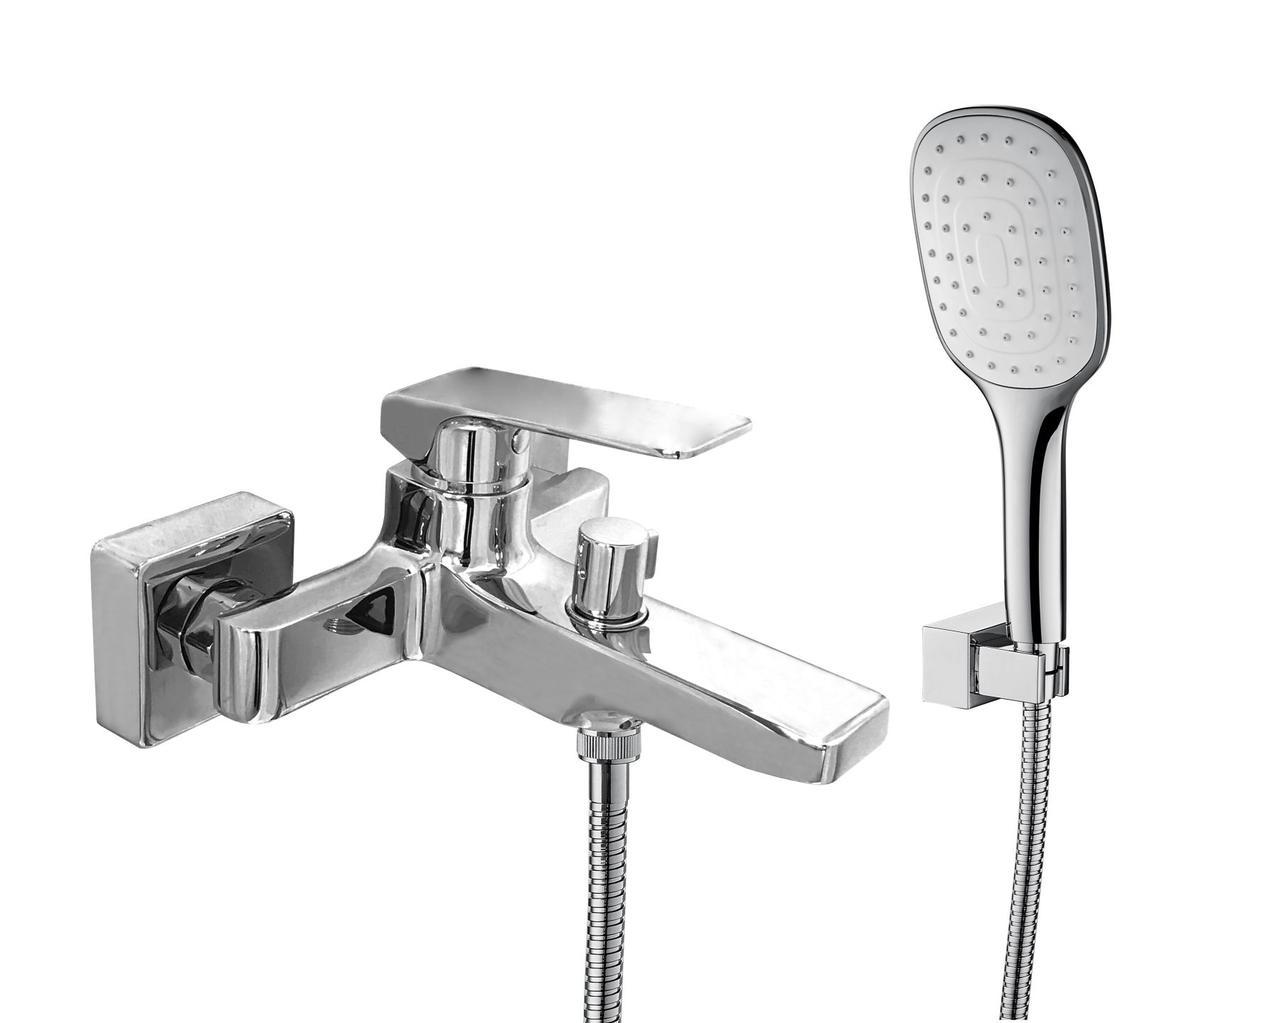 Змішувач для ванни Topaz ODISS-TO 18101-H52, душовий комплект